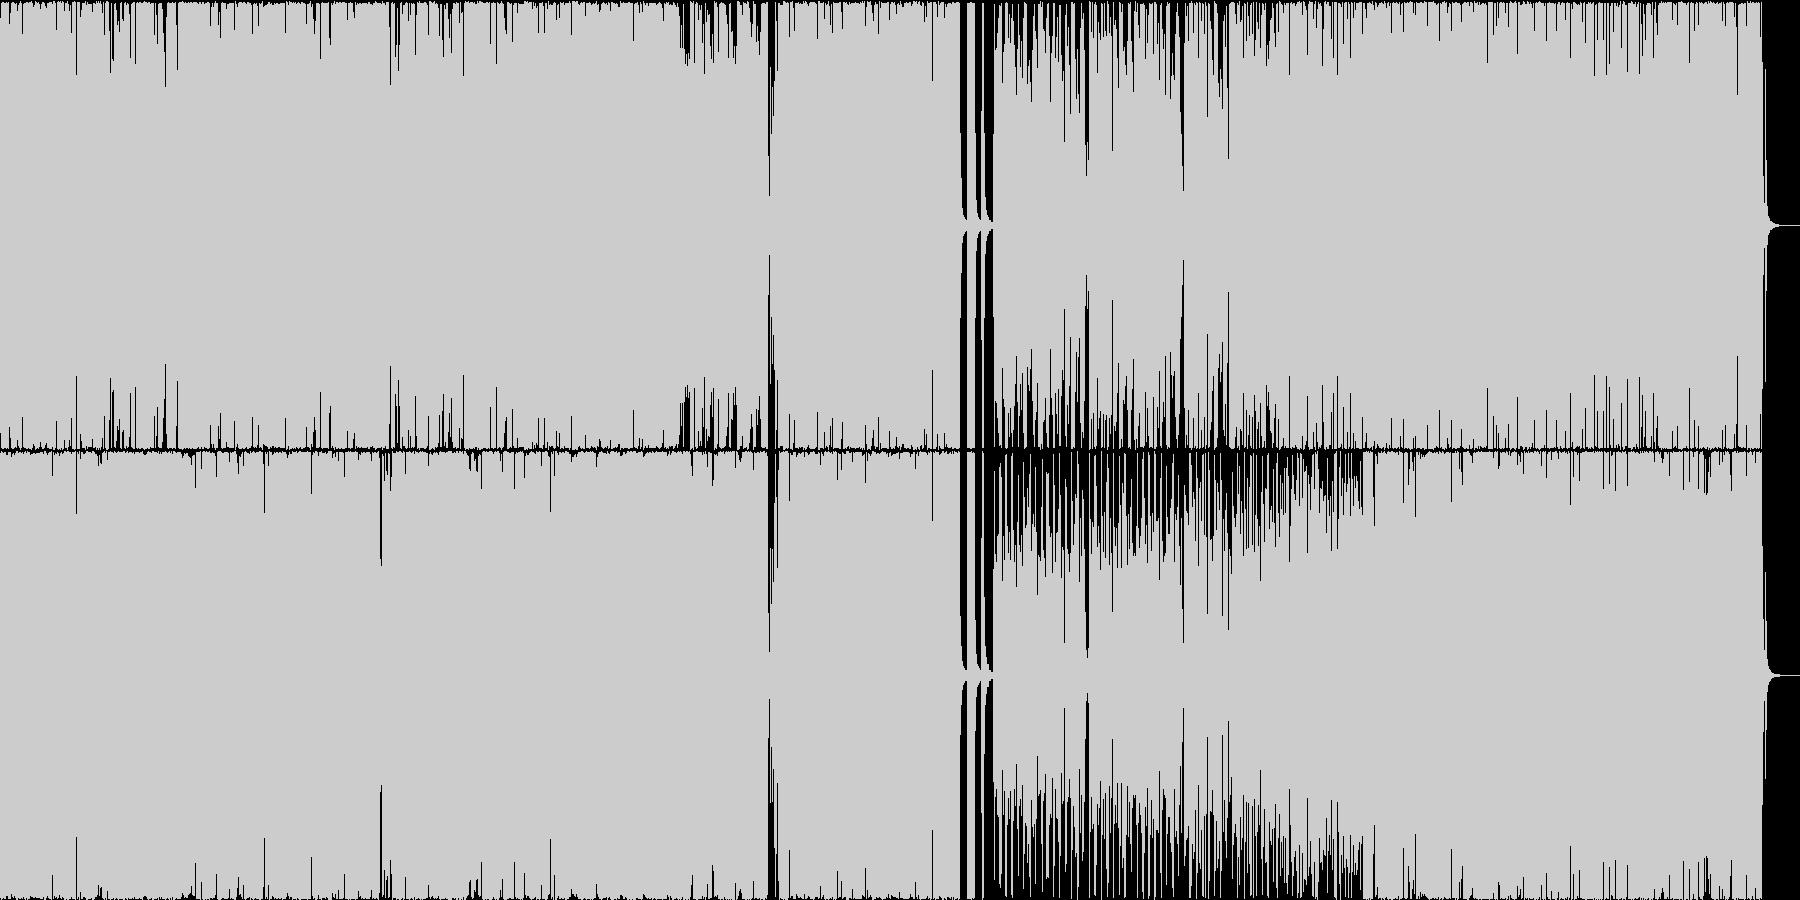 スピード感と緊迫感のあるジャズセッションの未再生の波形